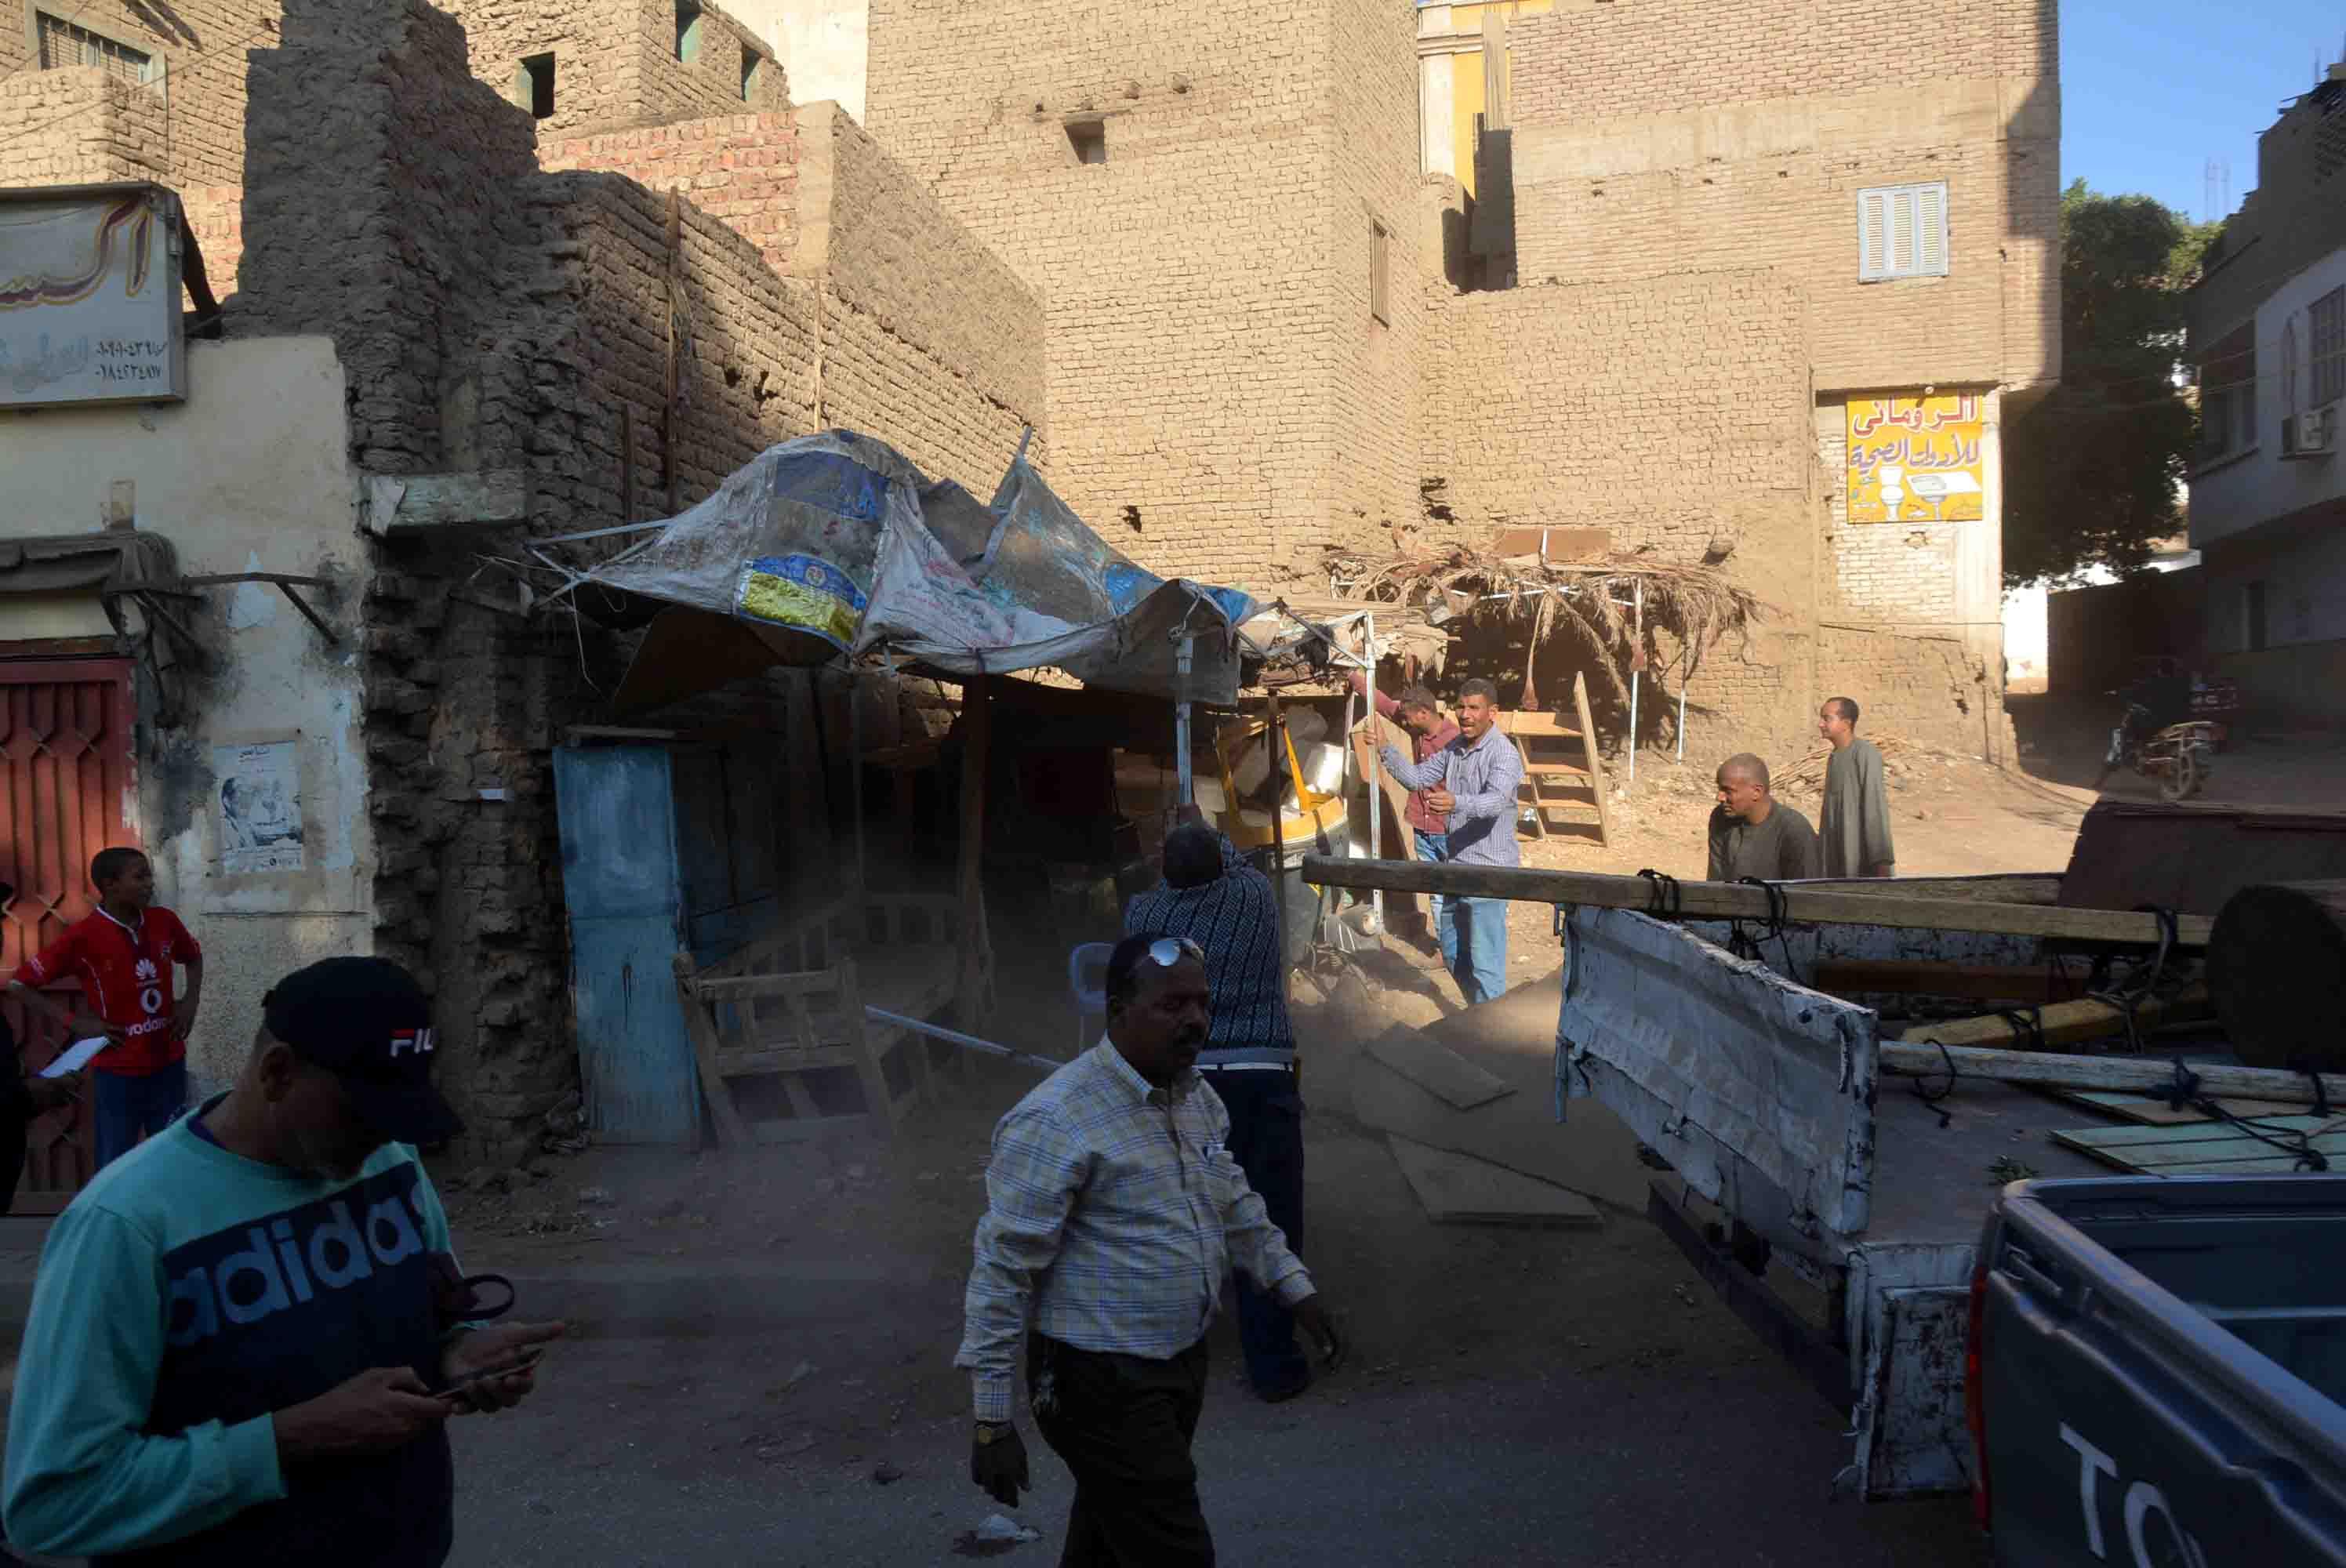 سكرتير مساعد الأقصر يقود حملة إشغالات في مدينة إسنا (2)